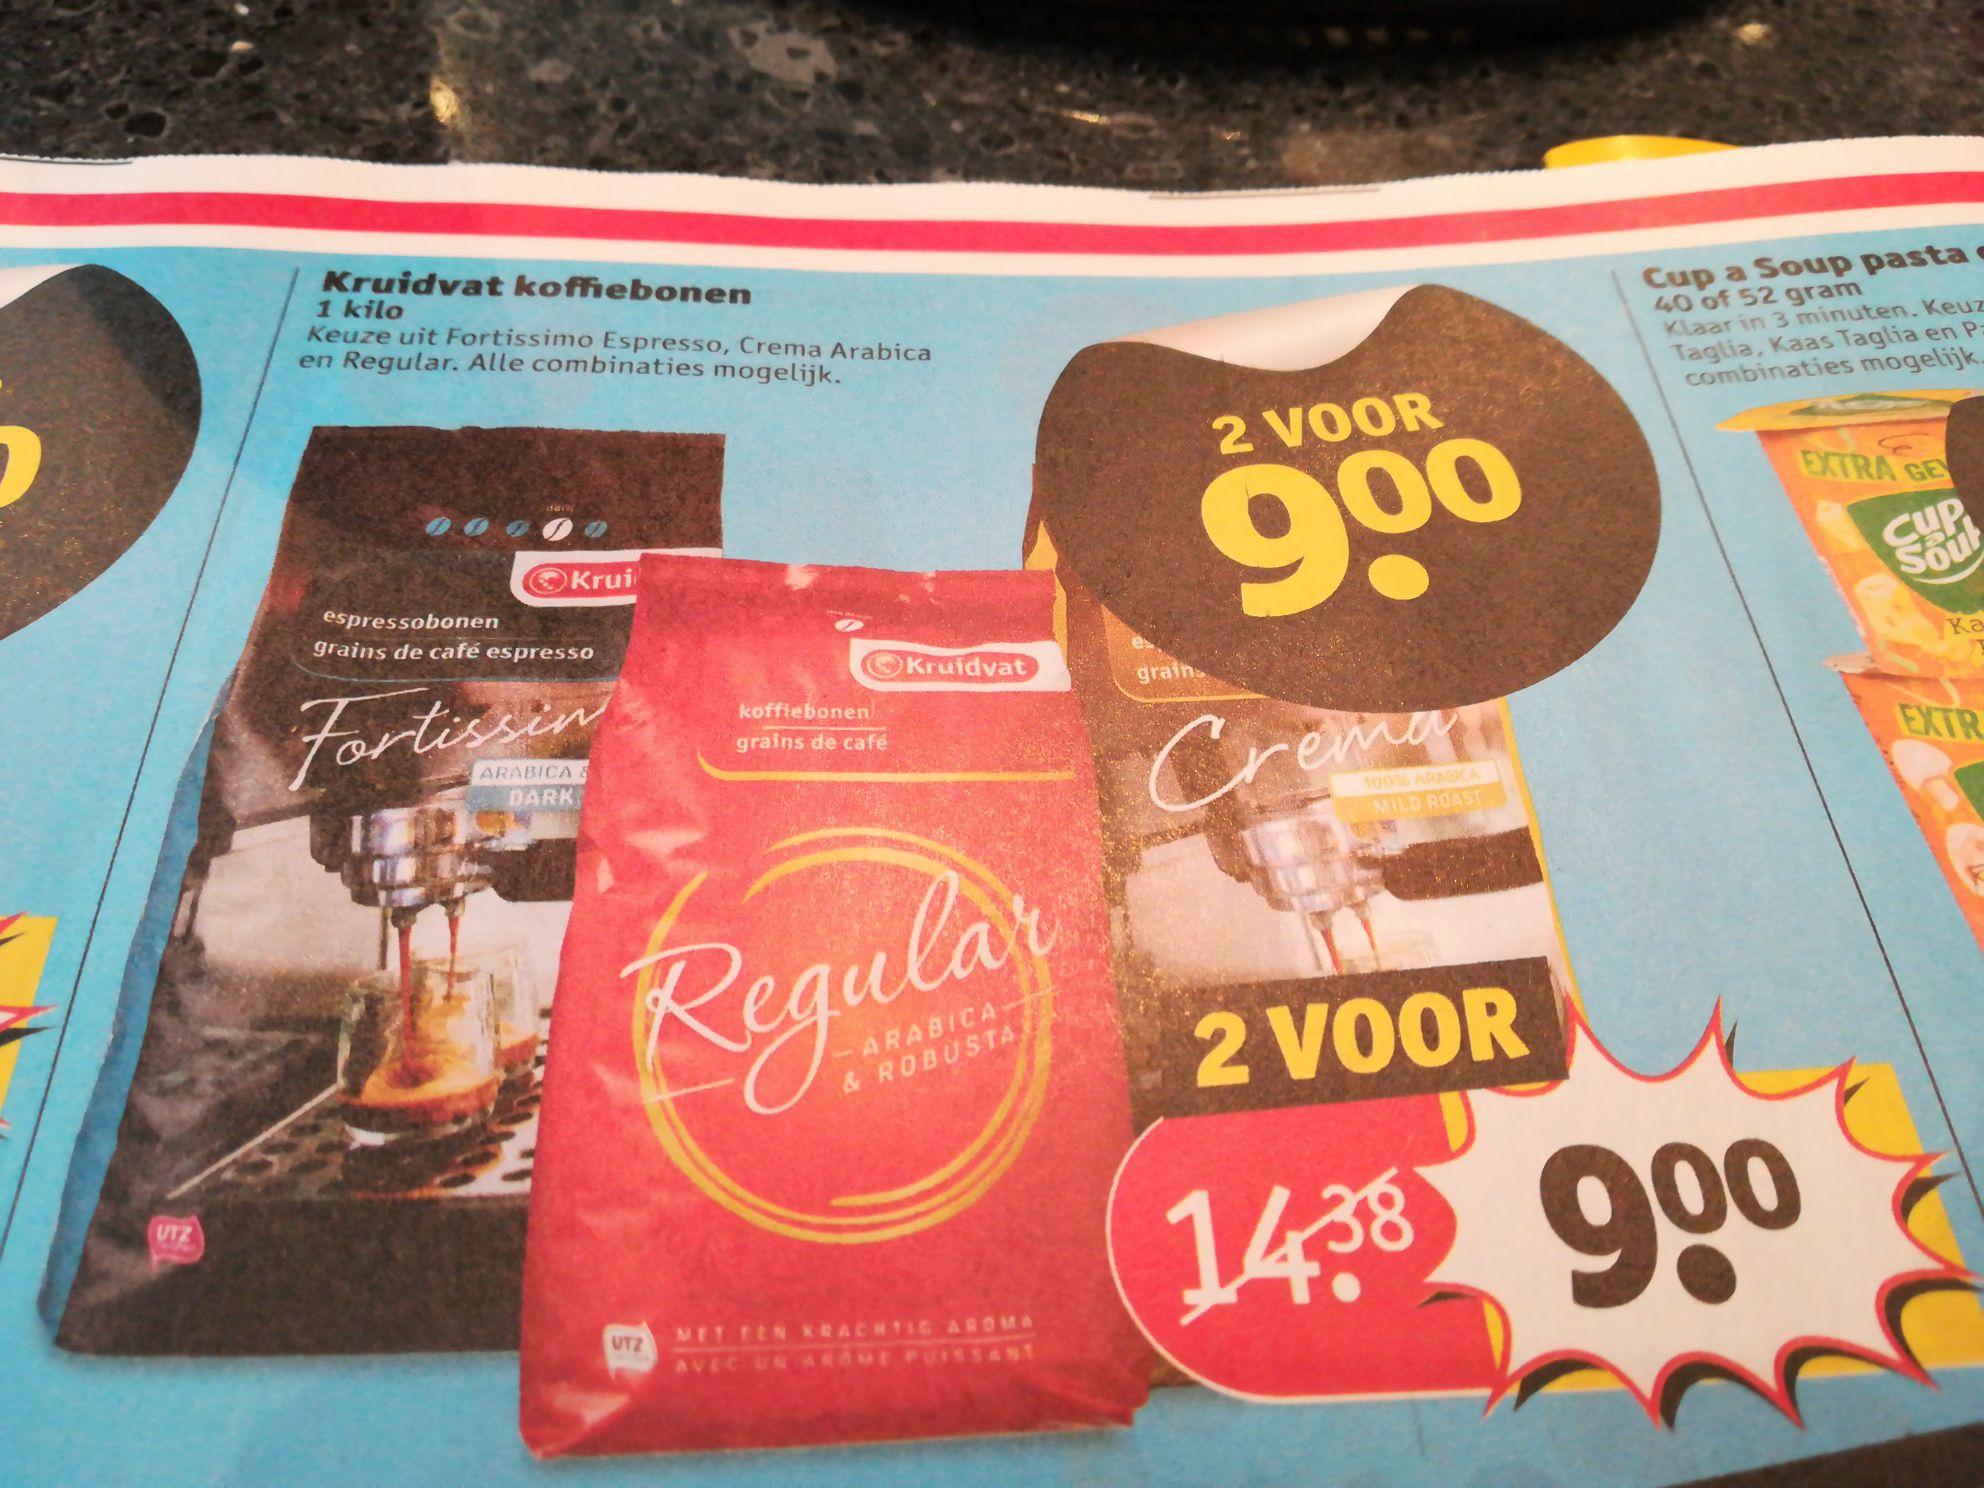 Vanaf a.s. dinsdag 2 kilo koffiebonen voor €9.- bij de kruidvat.